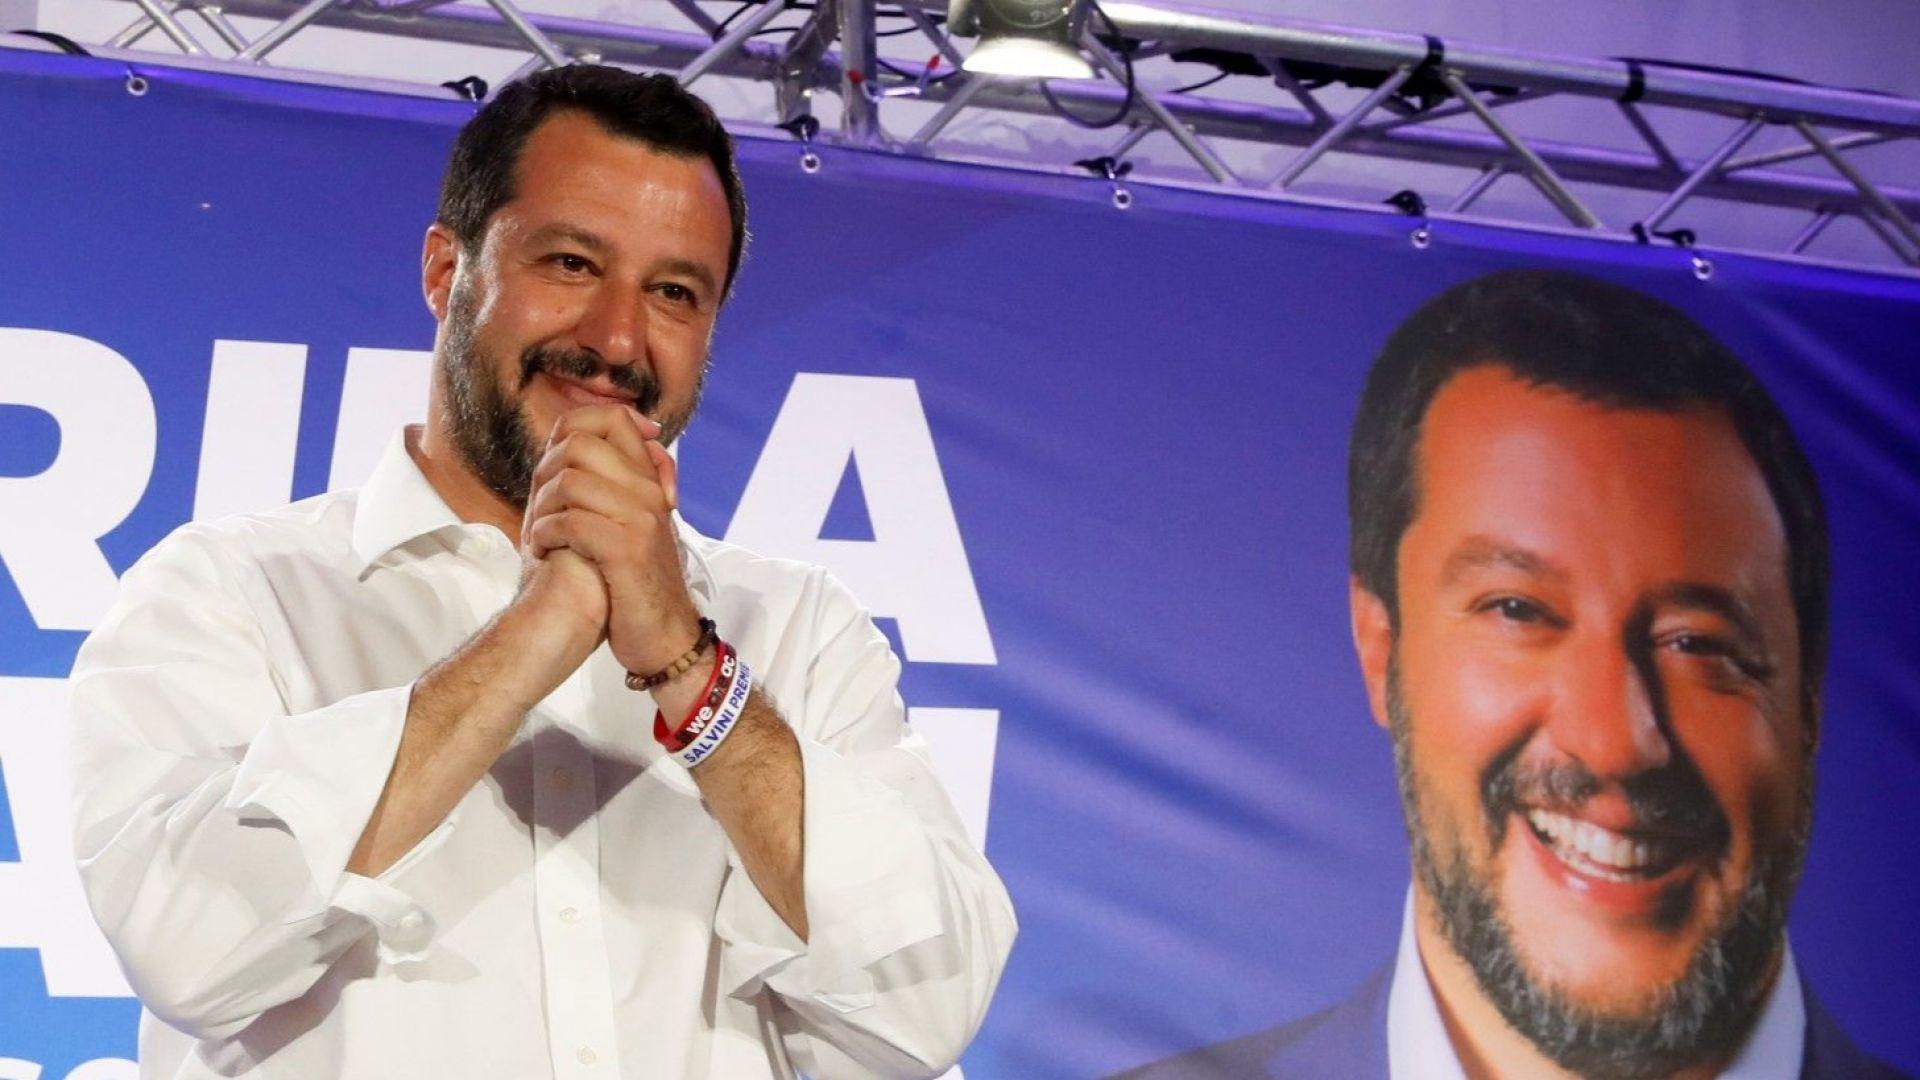 Европейската комисия взе решение, че Италия е в нарушение на